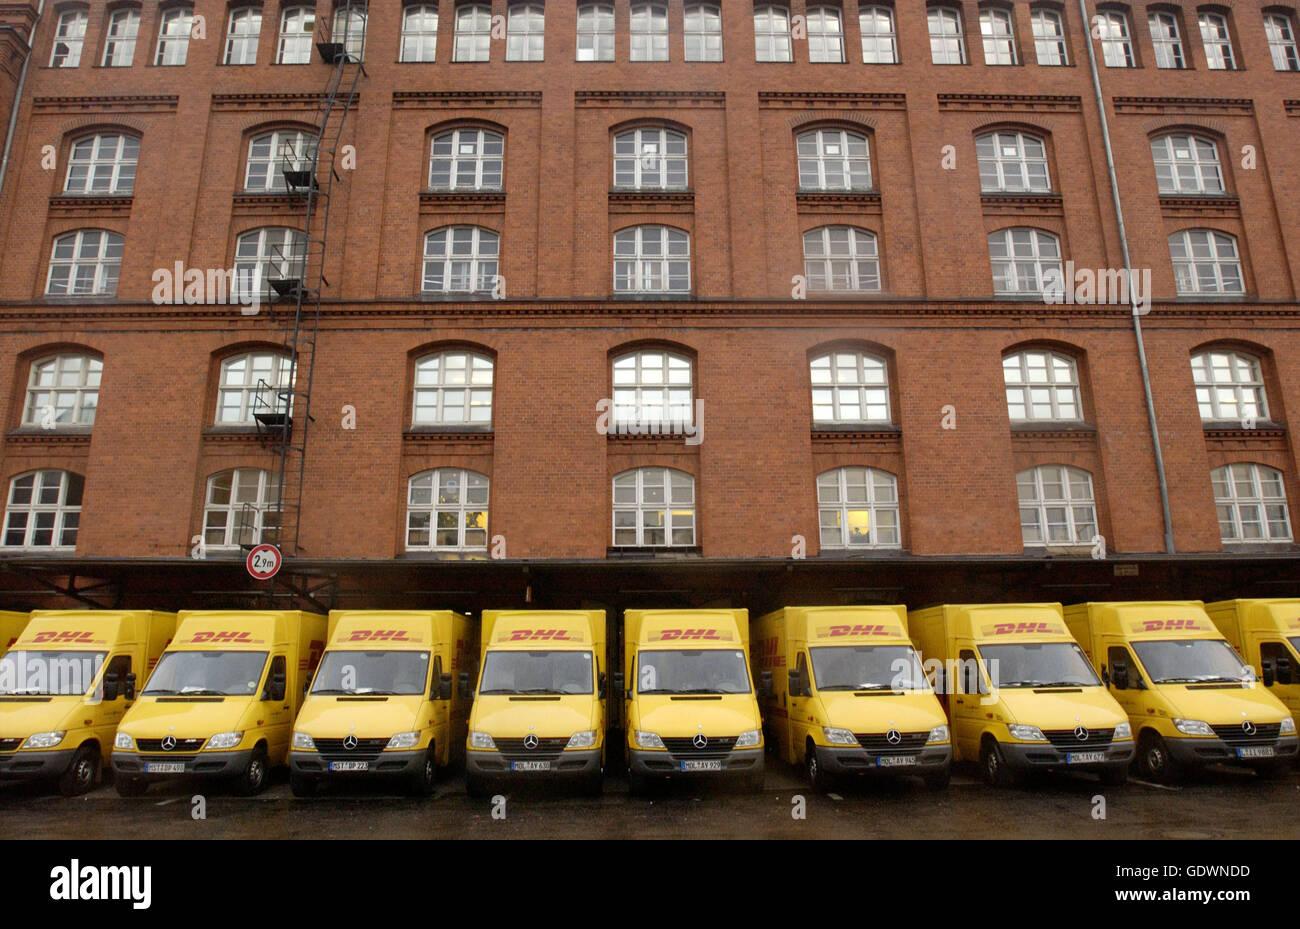 DHL distribution center in Berlin Tempelhof - Stock Image